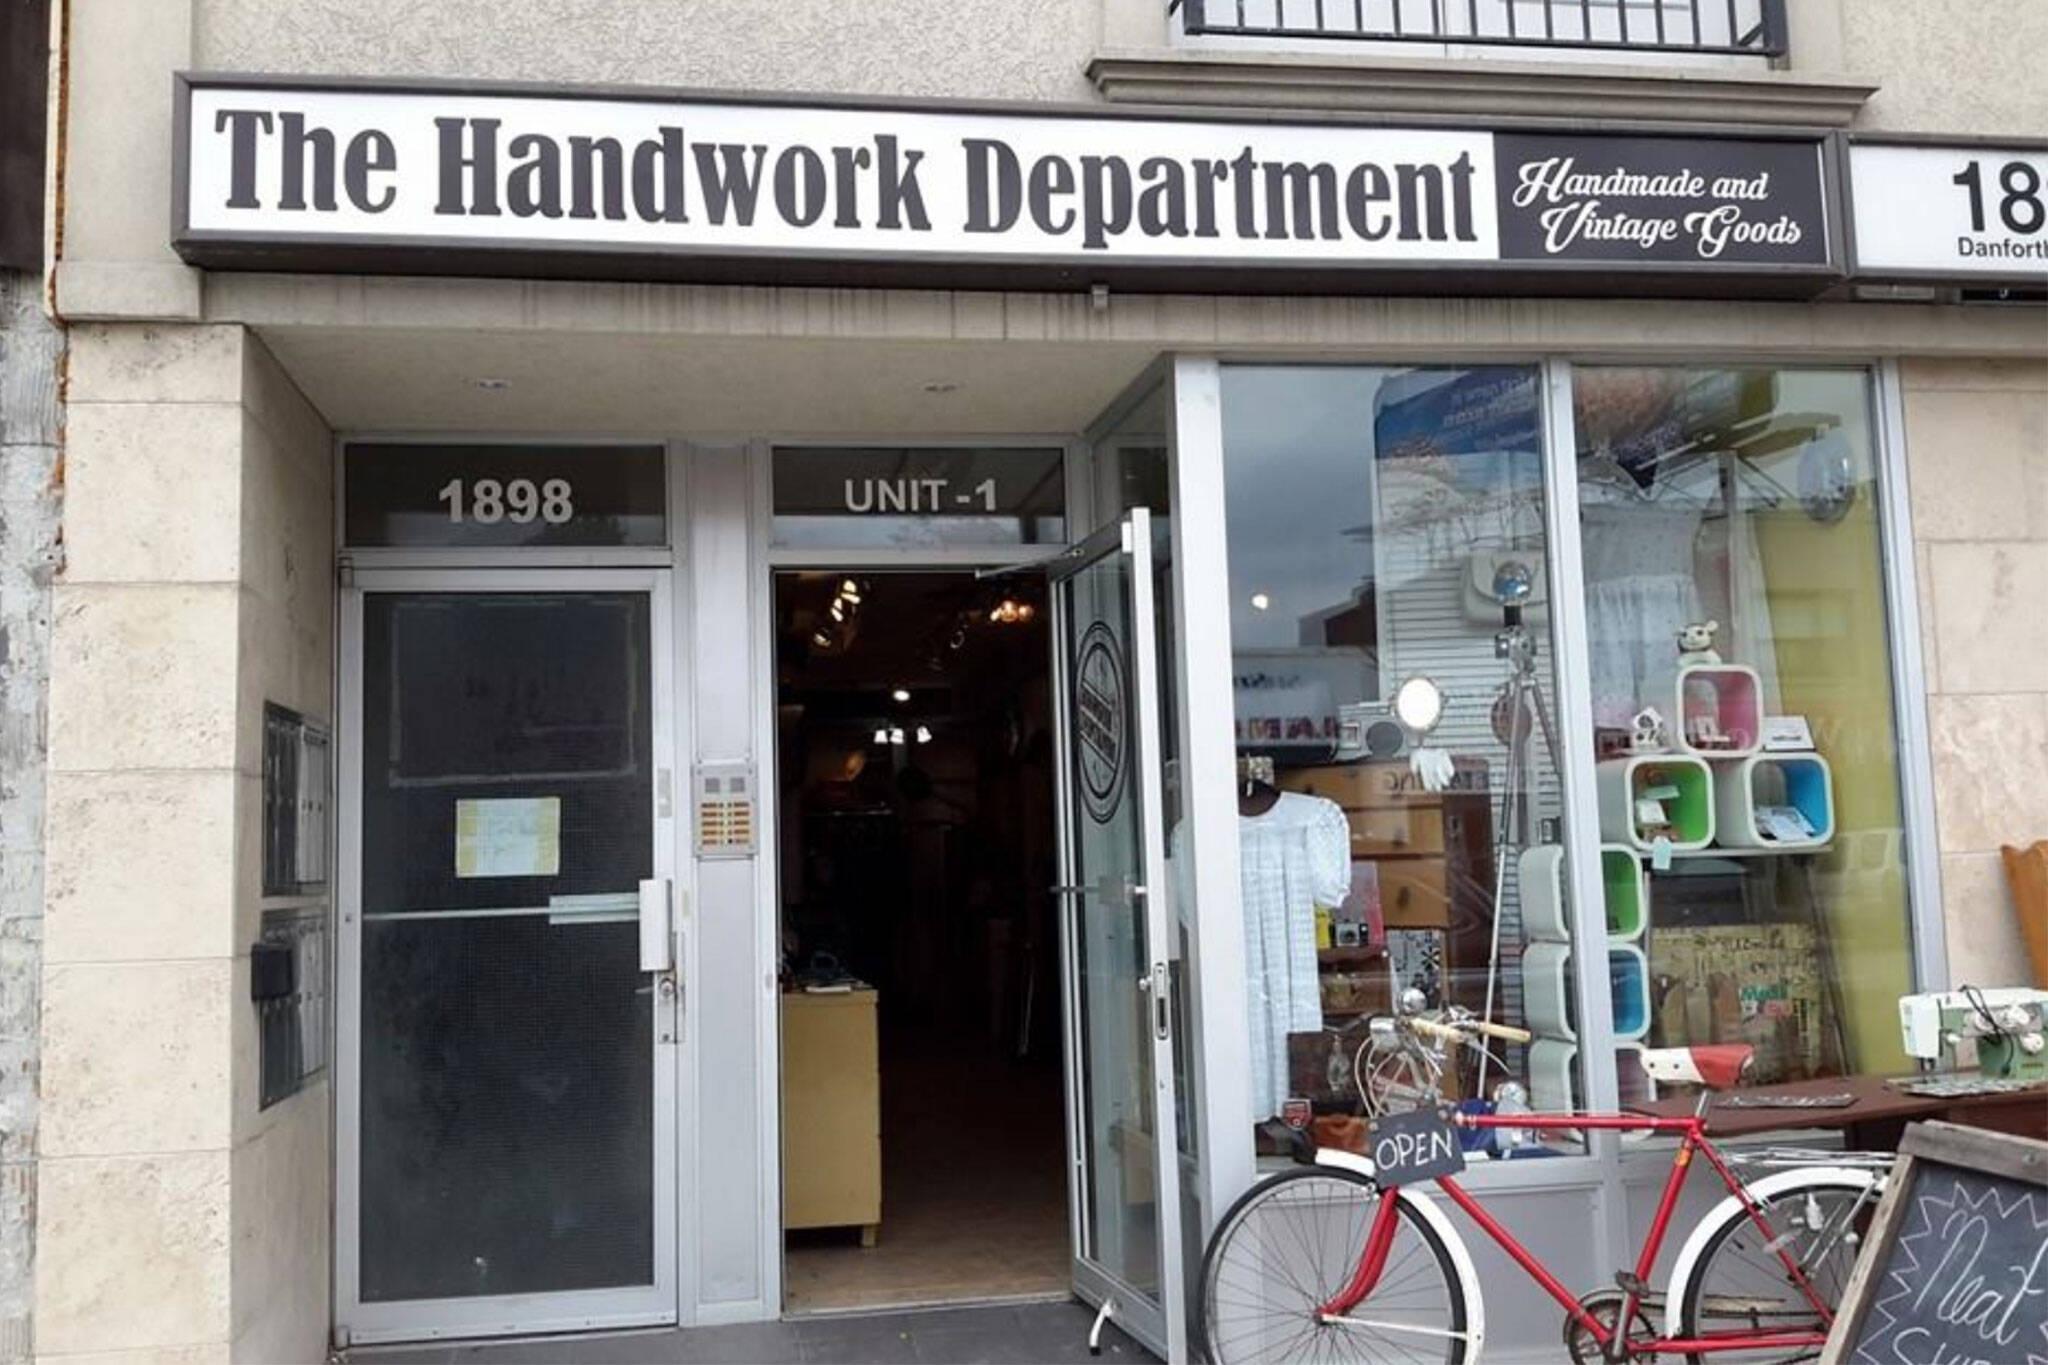 handwork department toronto